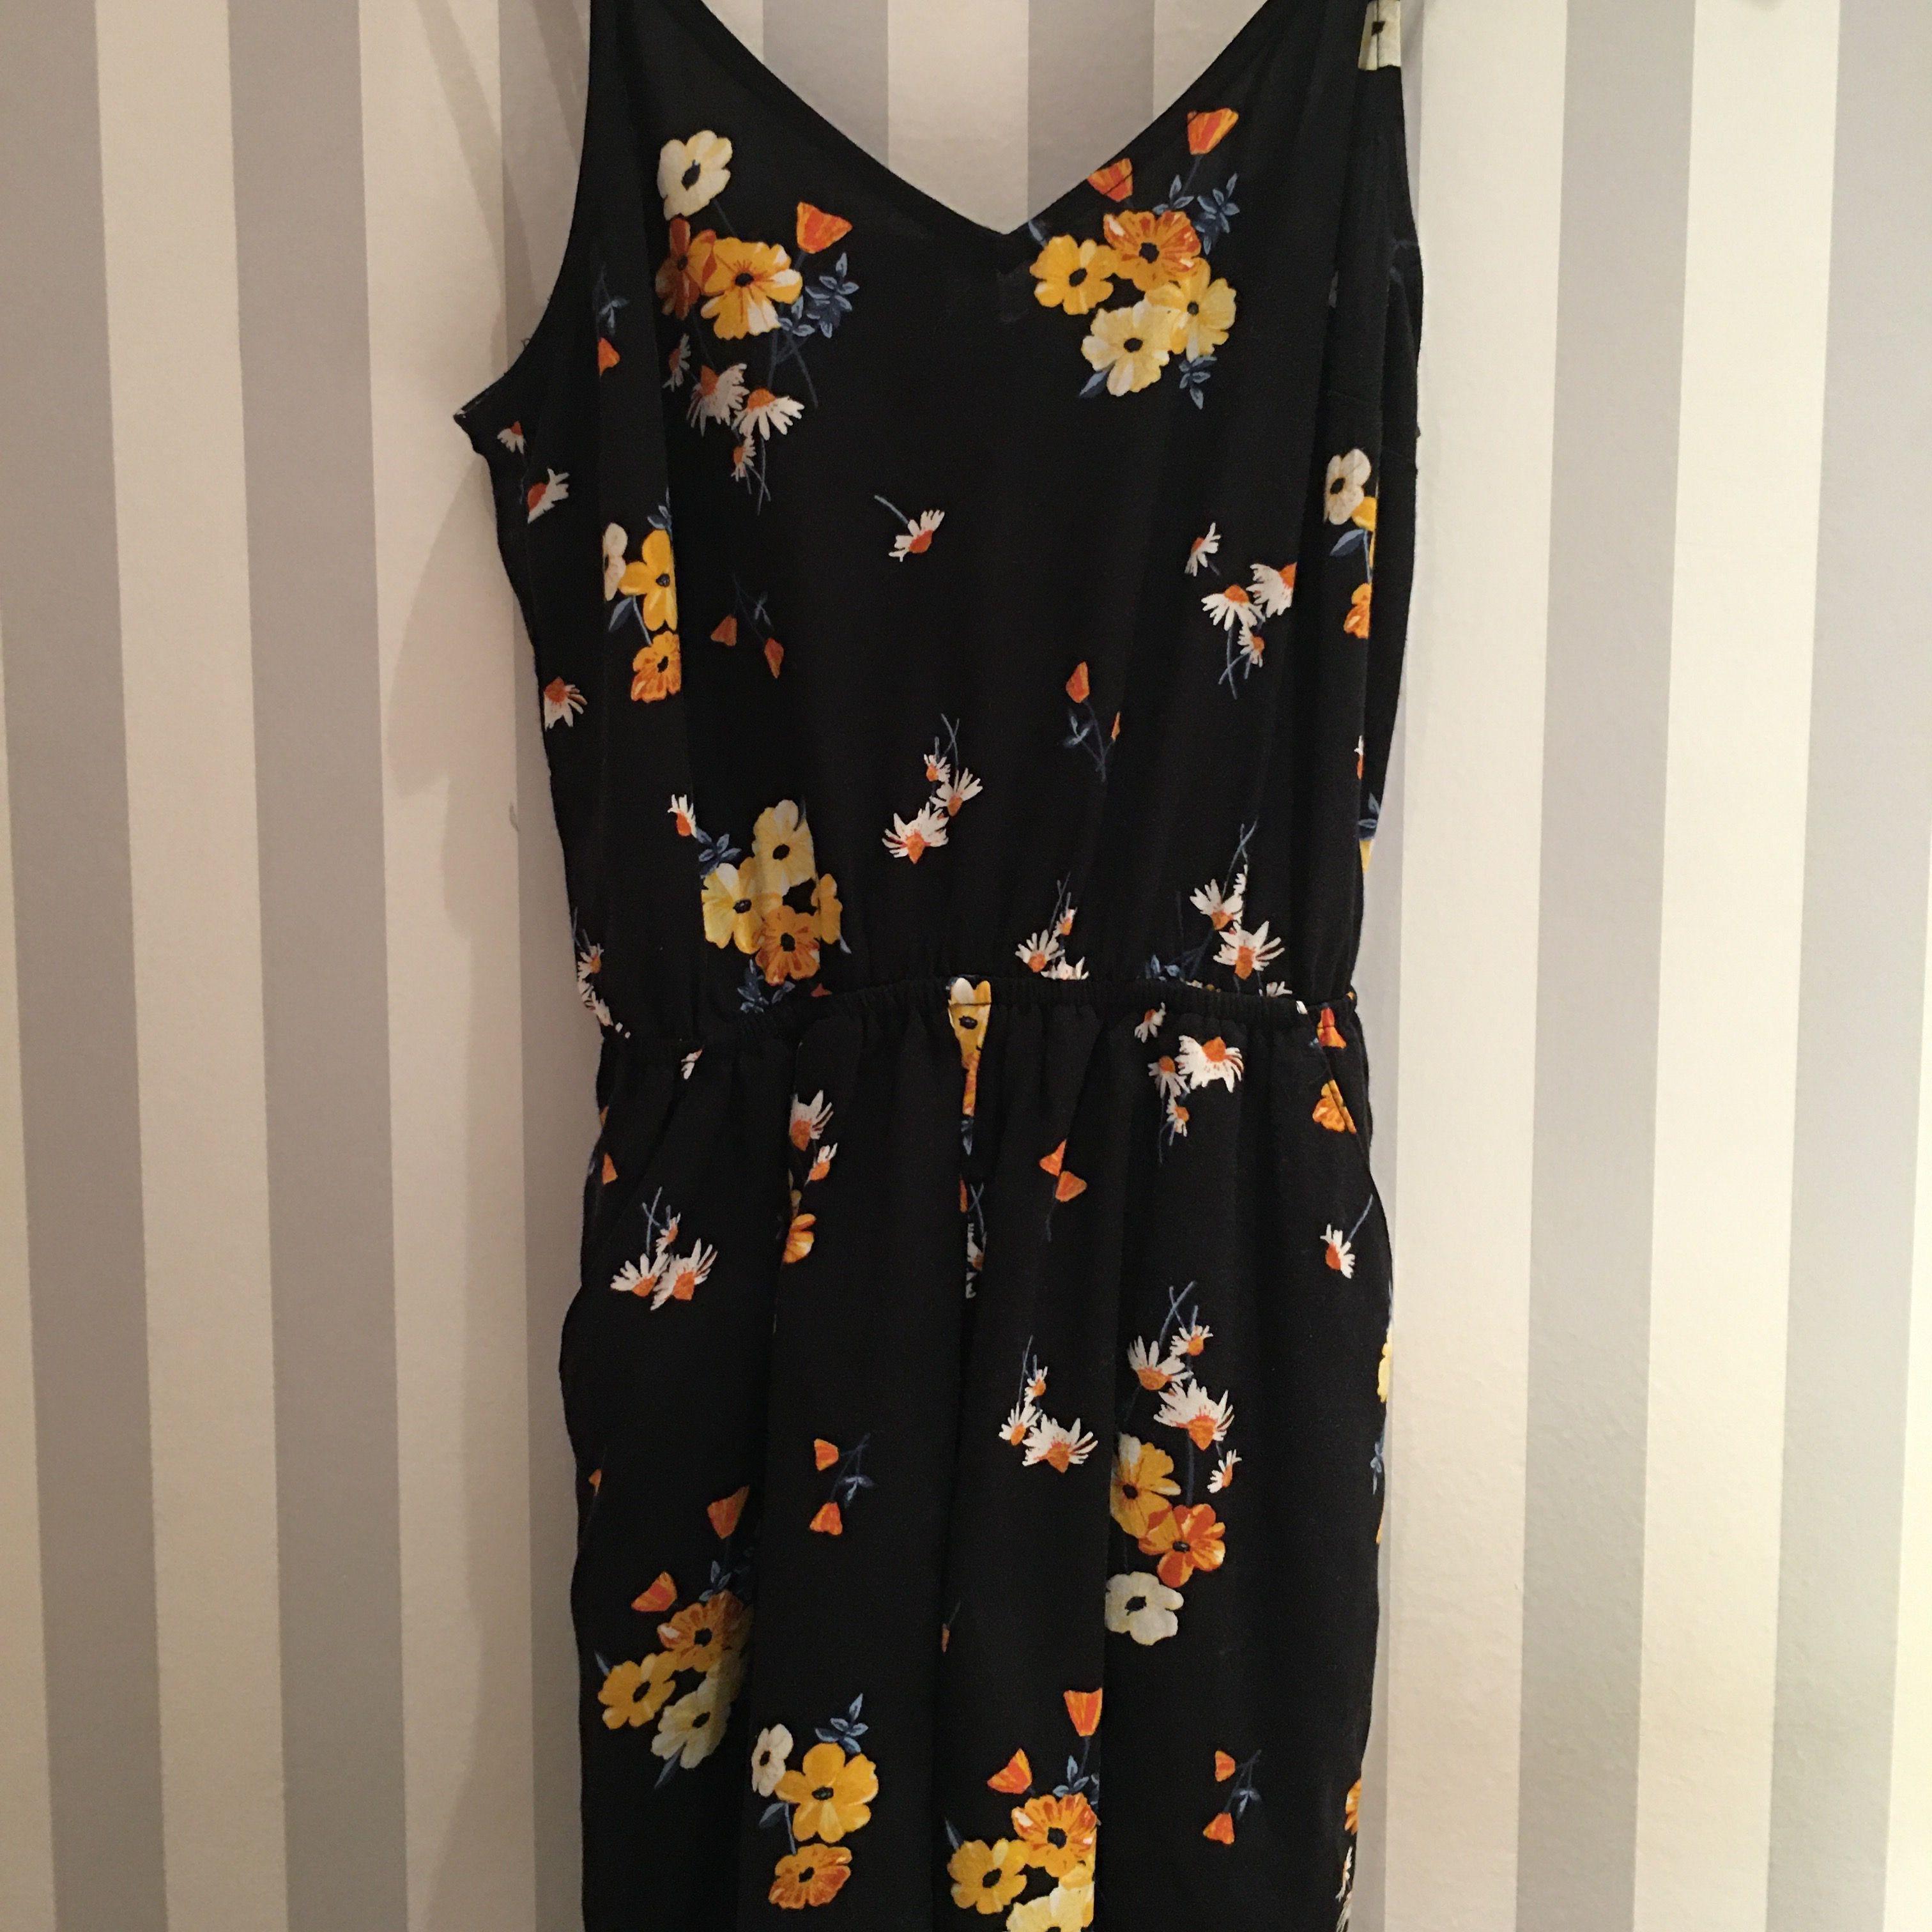 Jättesöt jumpsuit från H&M köpt 2019! Svart med fina blommor på. Använd 2 gånger då den är lite för kort för mig som är 170 cm lång. Väldigt fint skick! Köparen står för frakt 🥰. Klänningar.